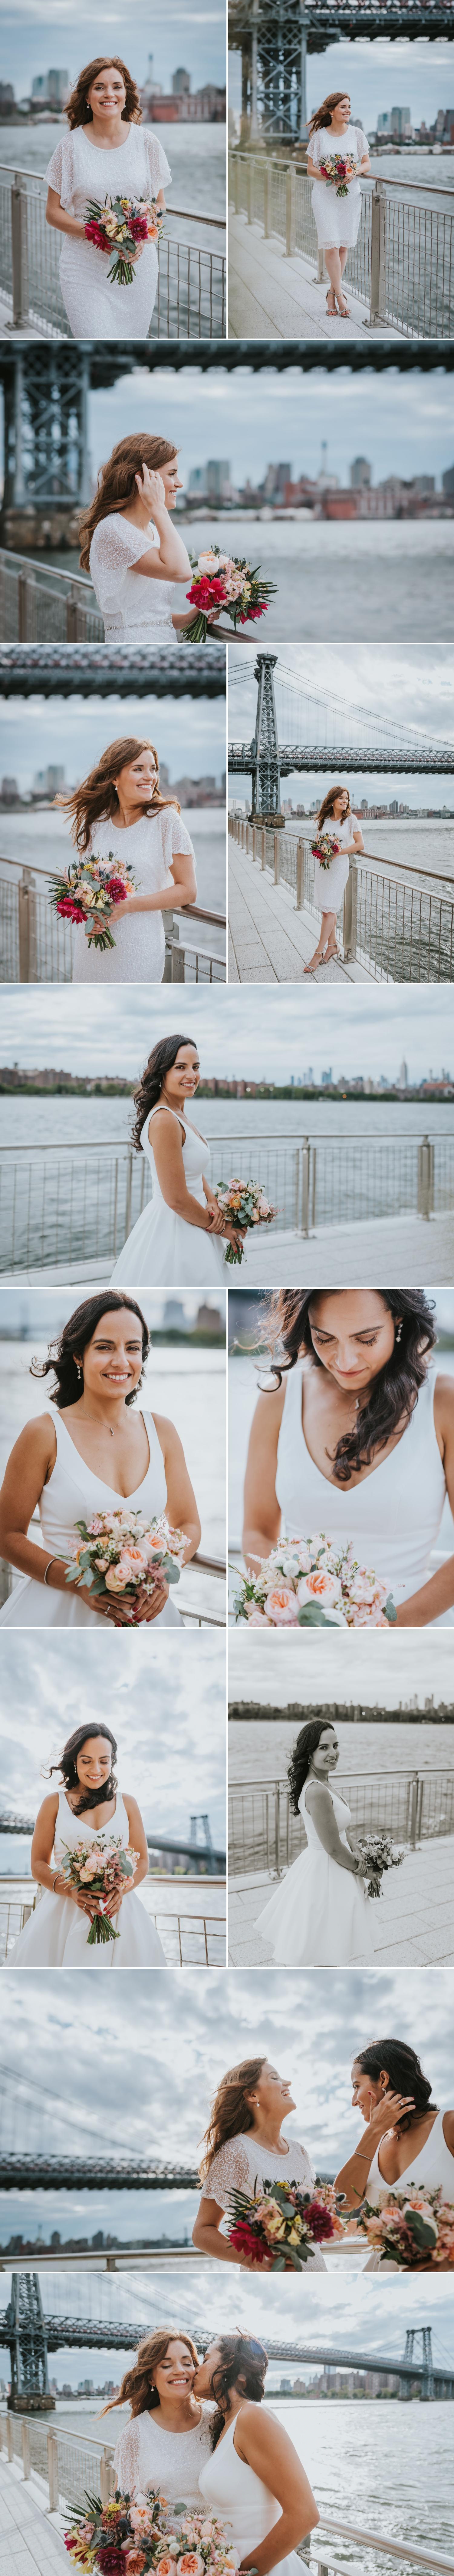 Ana & Christie Brooklyn Winery North Brooklyn Farms Wedding (4).jpg